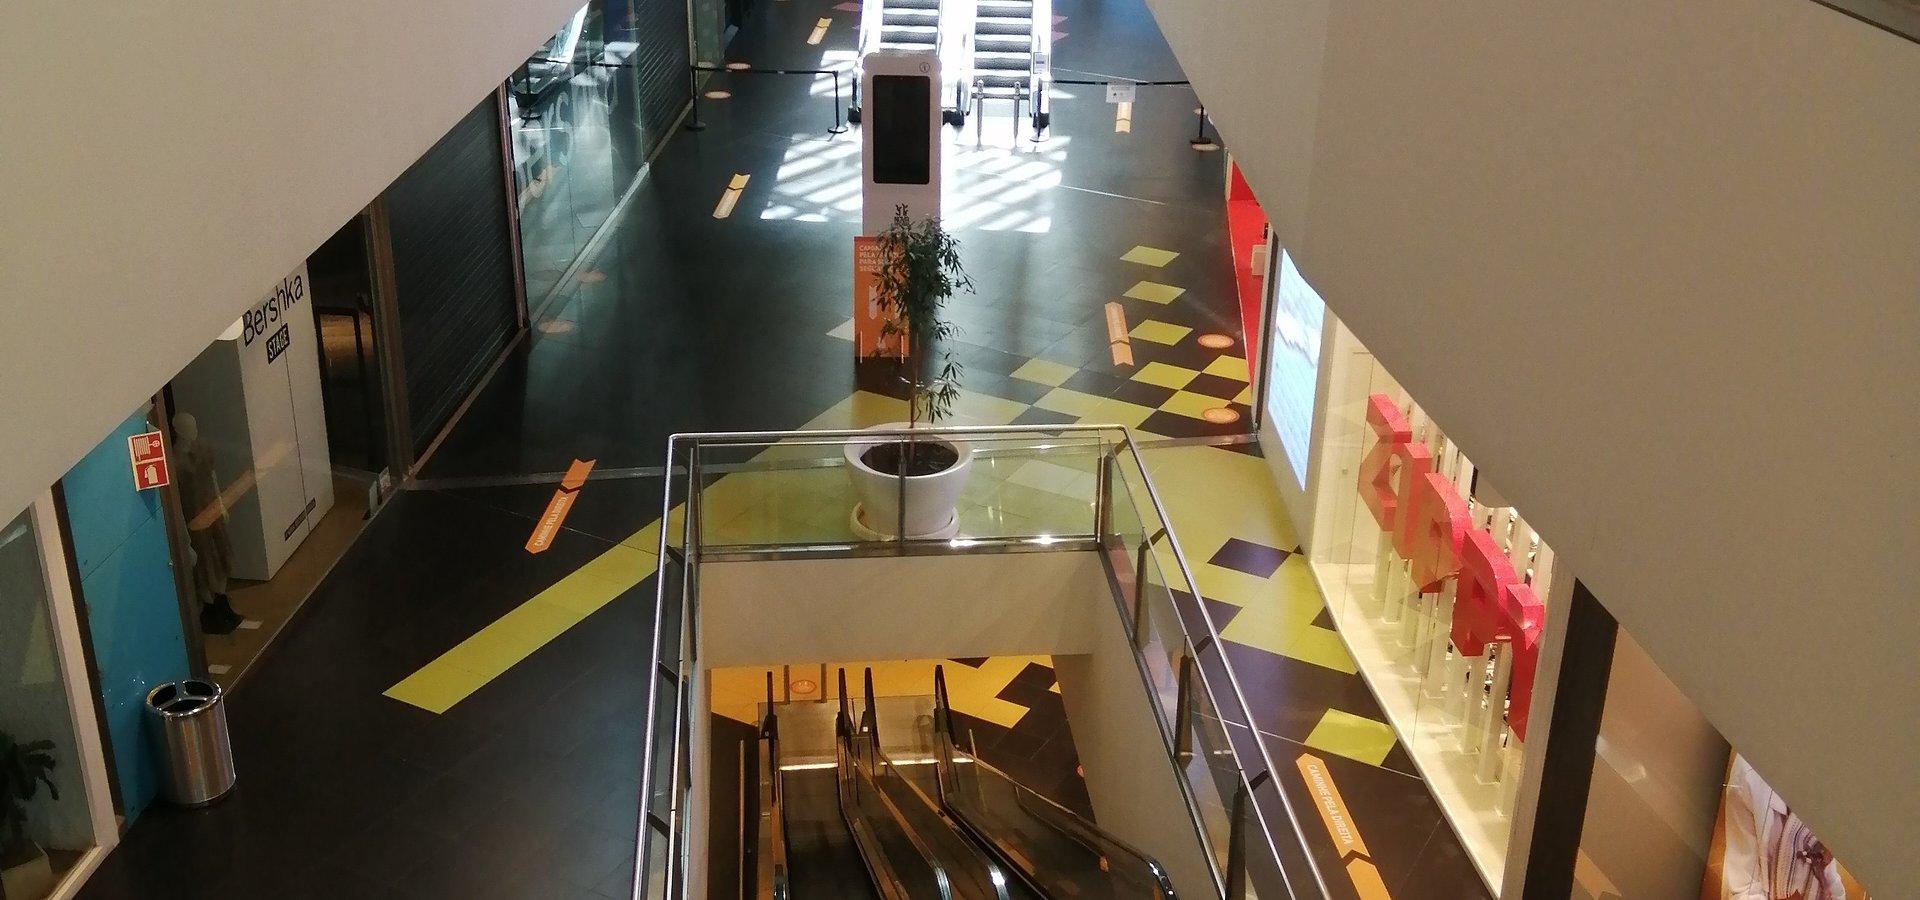 Nova Arcada implementou medidas adicionais para garantir segurança de visitantes, lojistas, prestadores de serviços e colaboradores